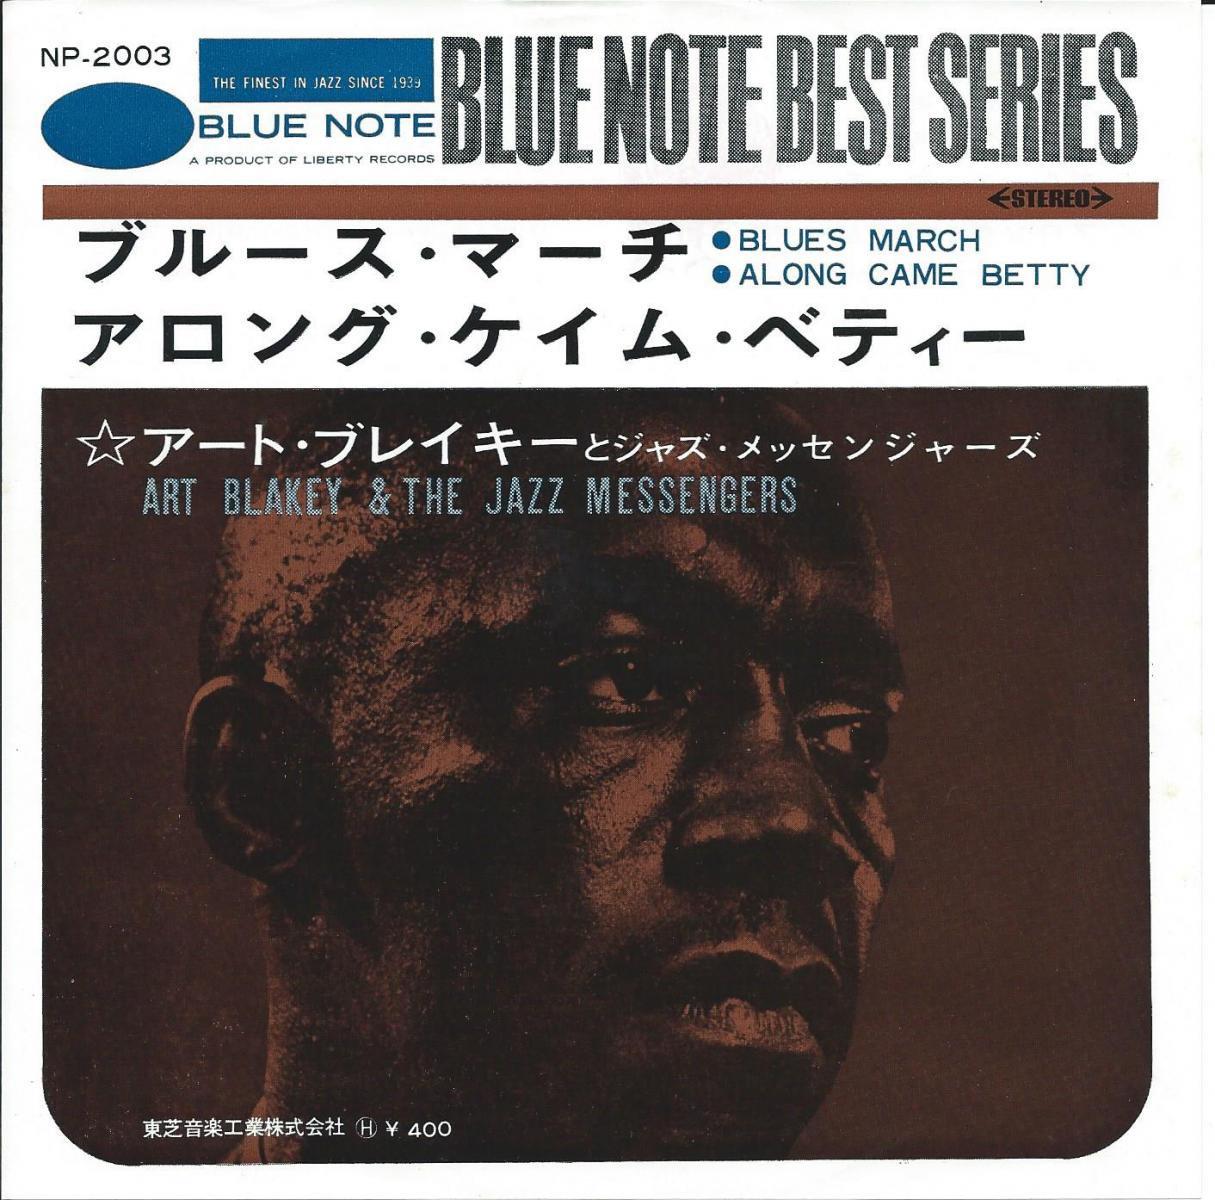 アート・ブレイキーとジャズ・メッセンジャーズ / ブルース・マーチ BLUES MARCH (7